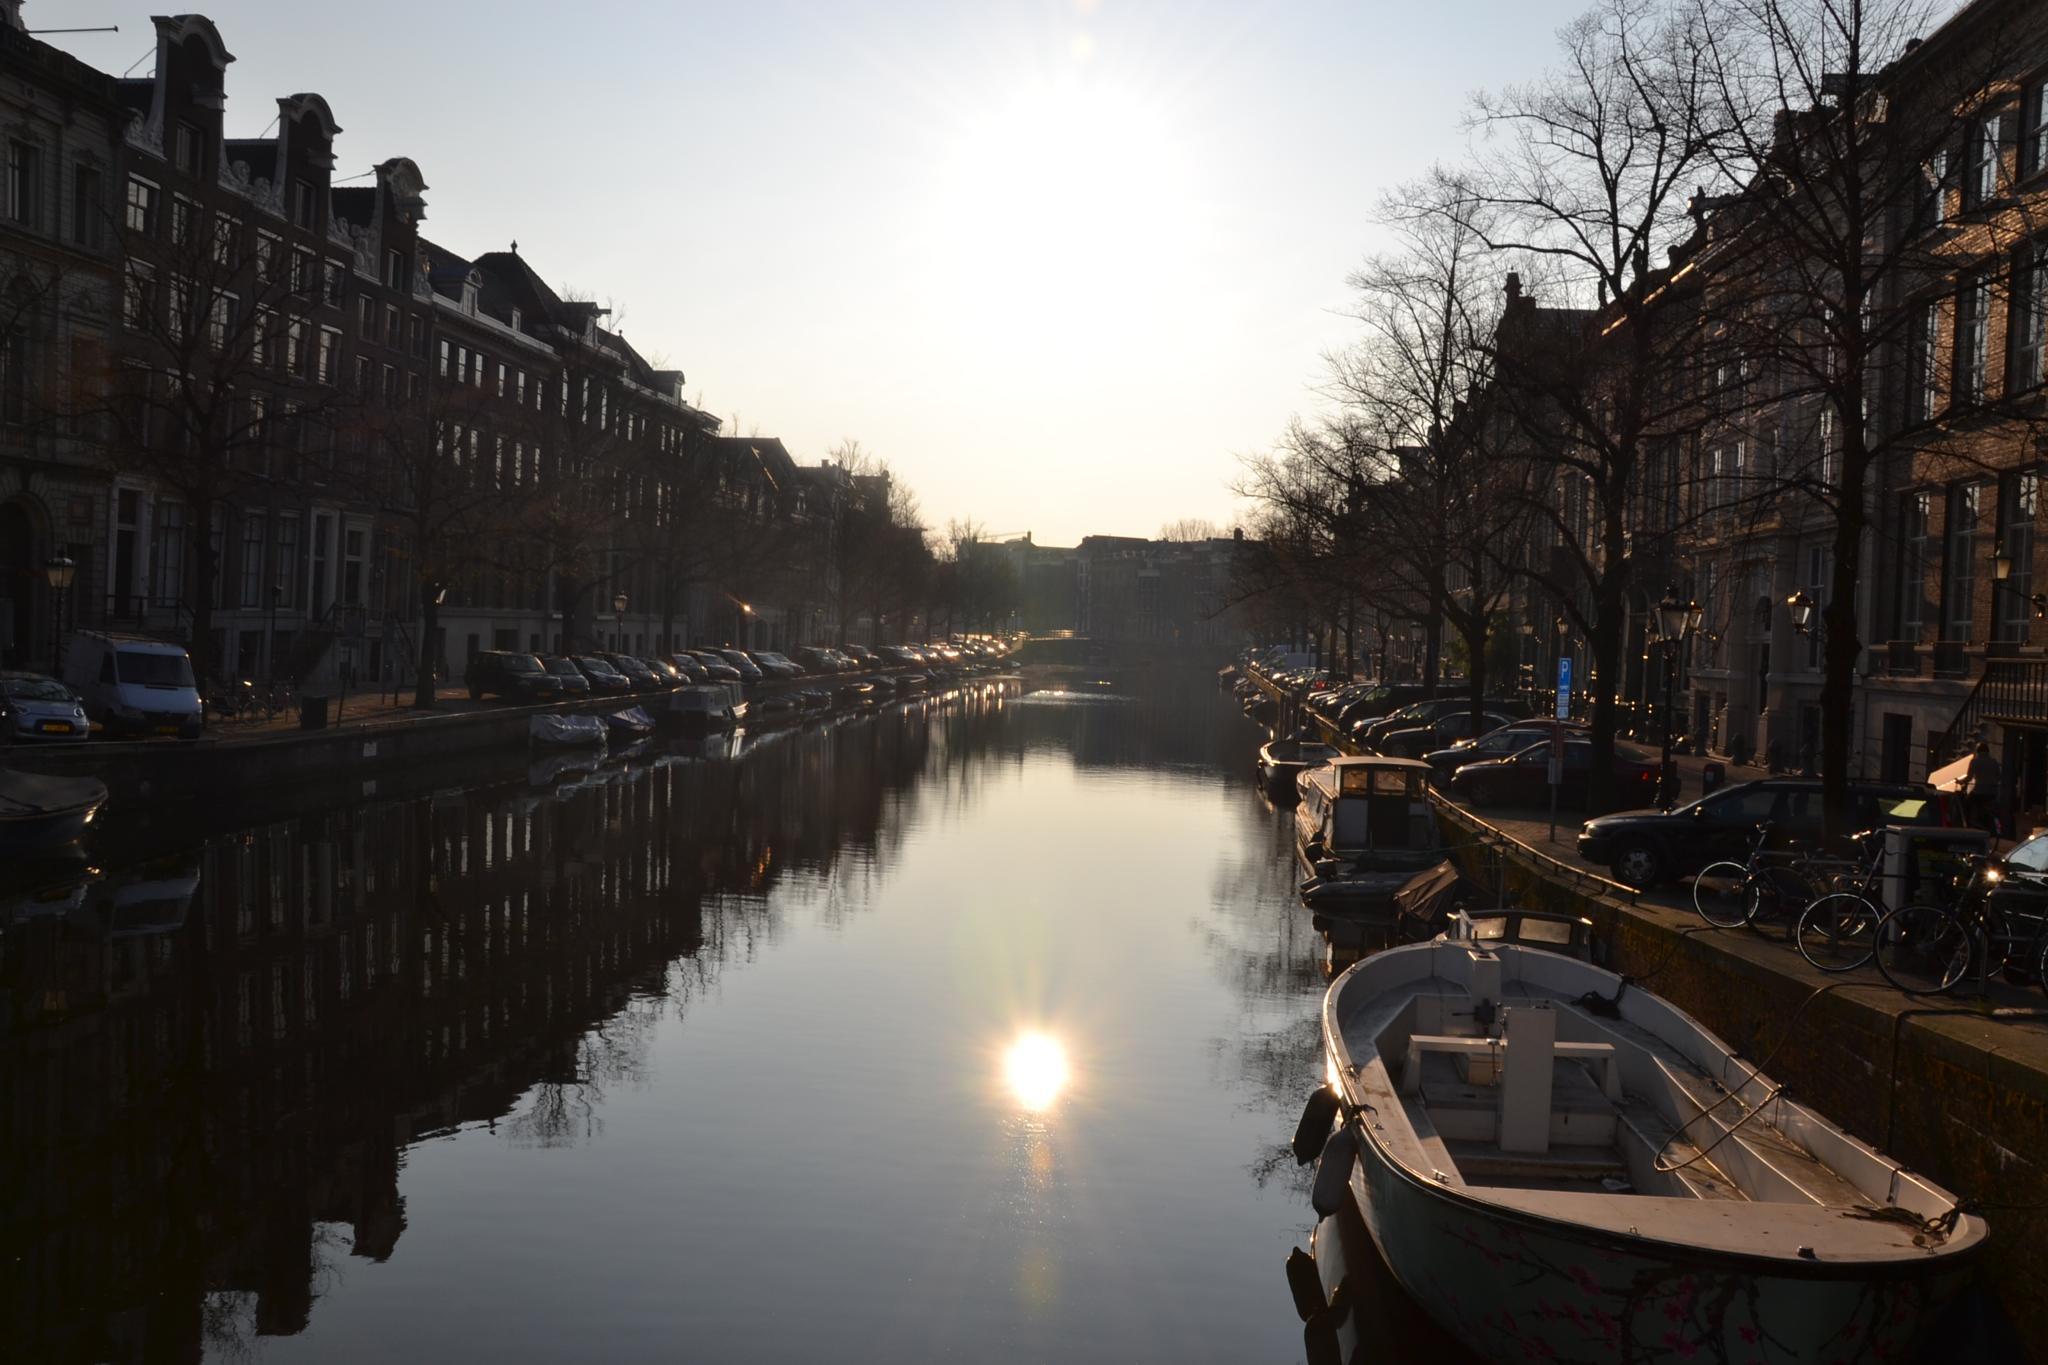 Amanecer en Amsterdam by xemariagil